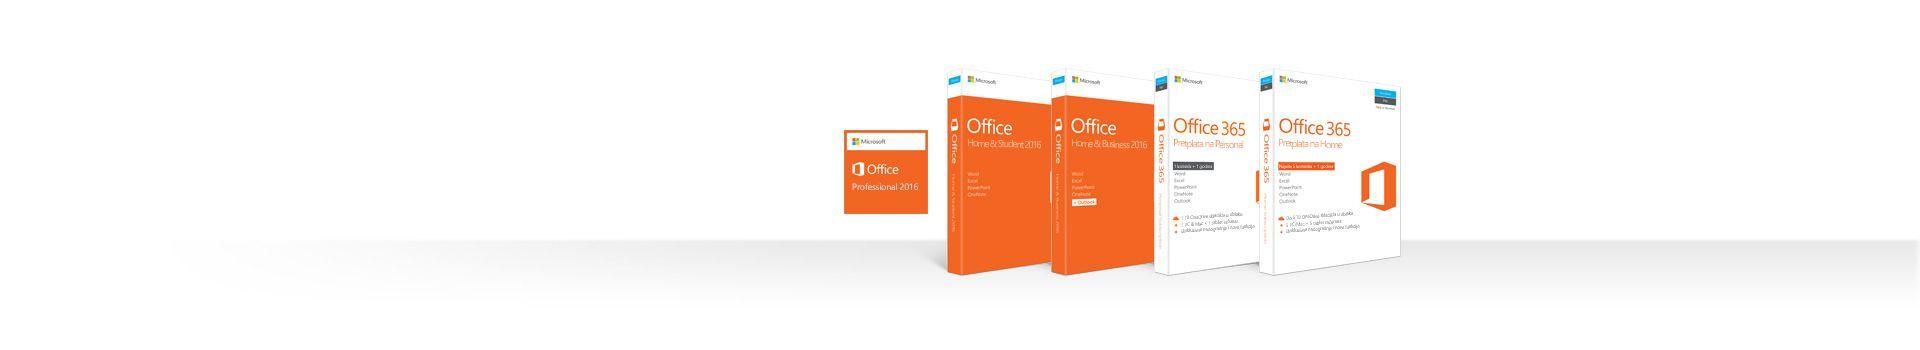 Red polja za Office 2016 i Office 365 proizvode za računar